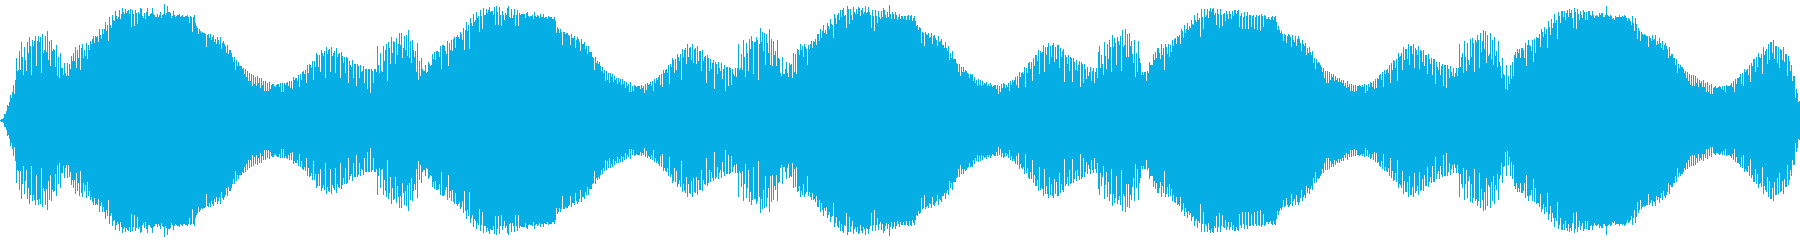 バイブ スマホ ブィン×5 早めの再生済みの波形